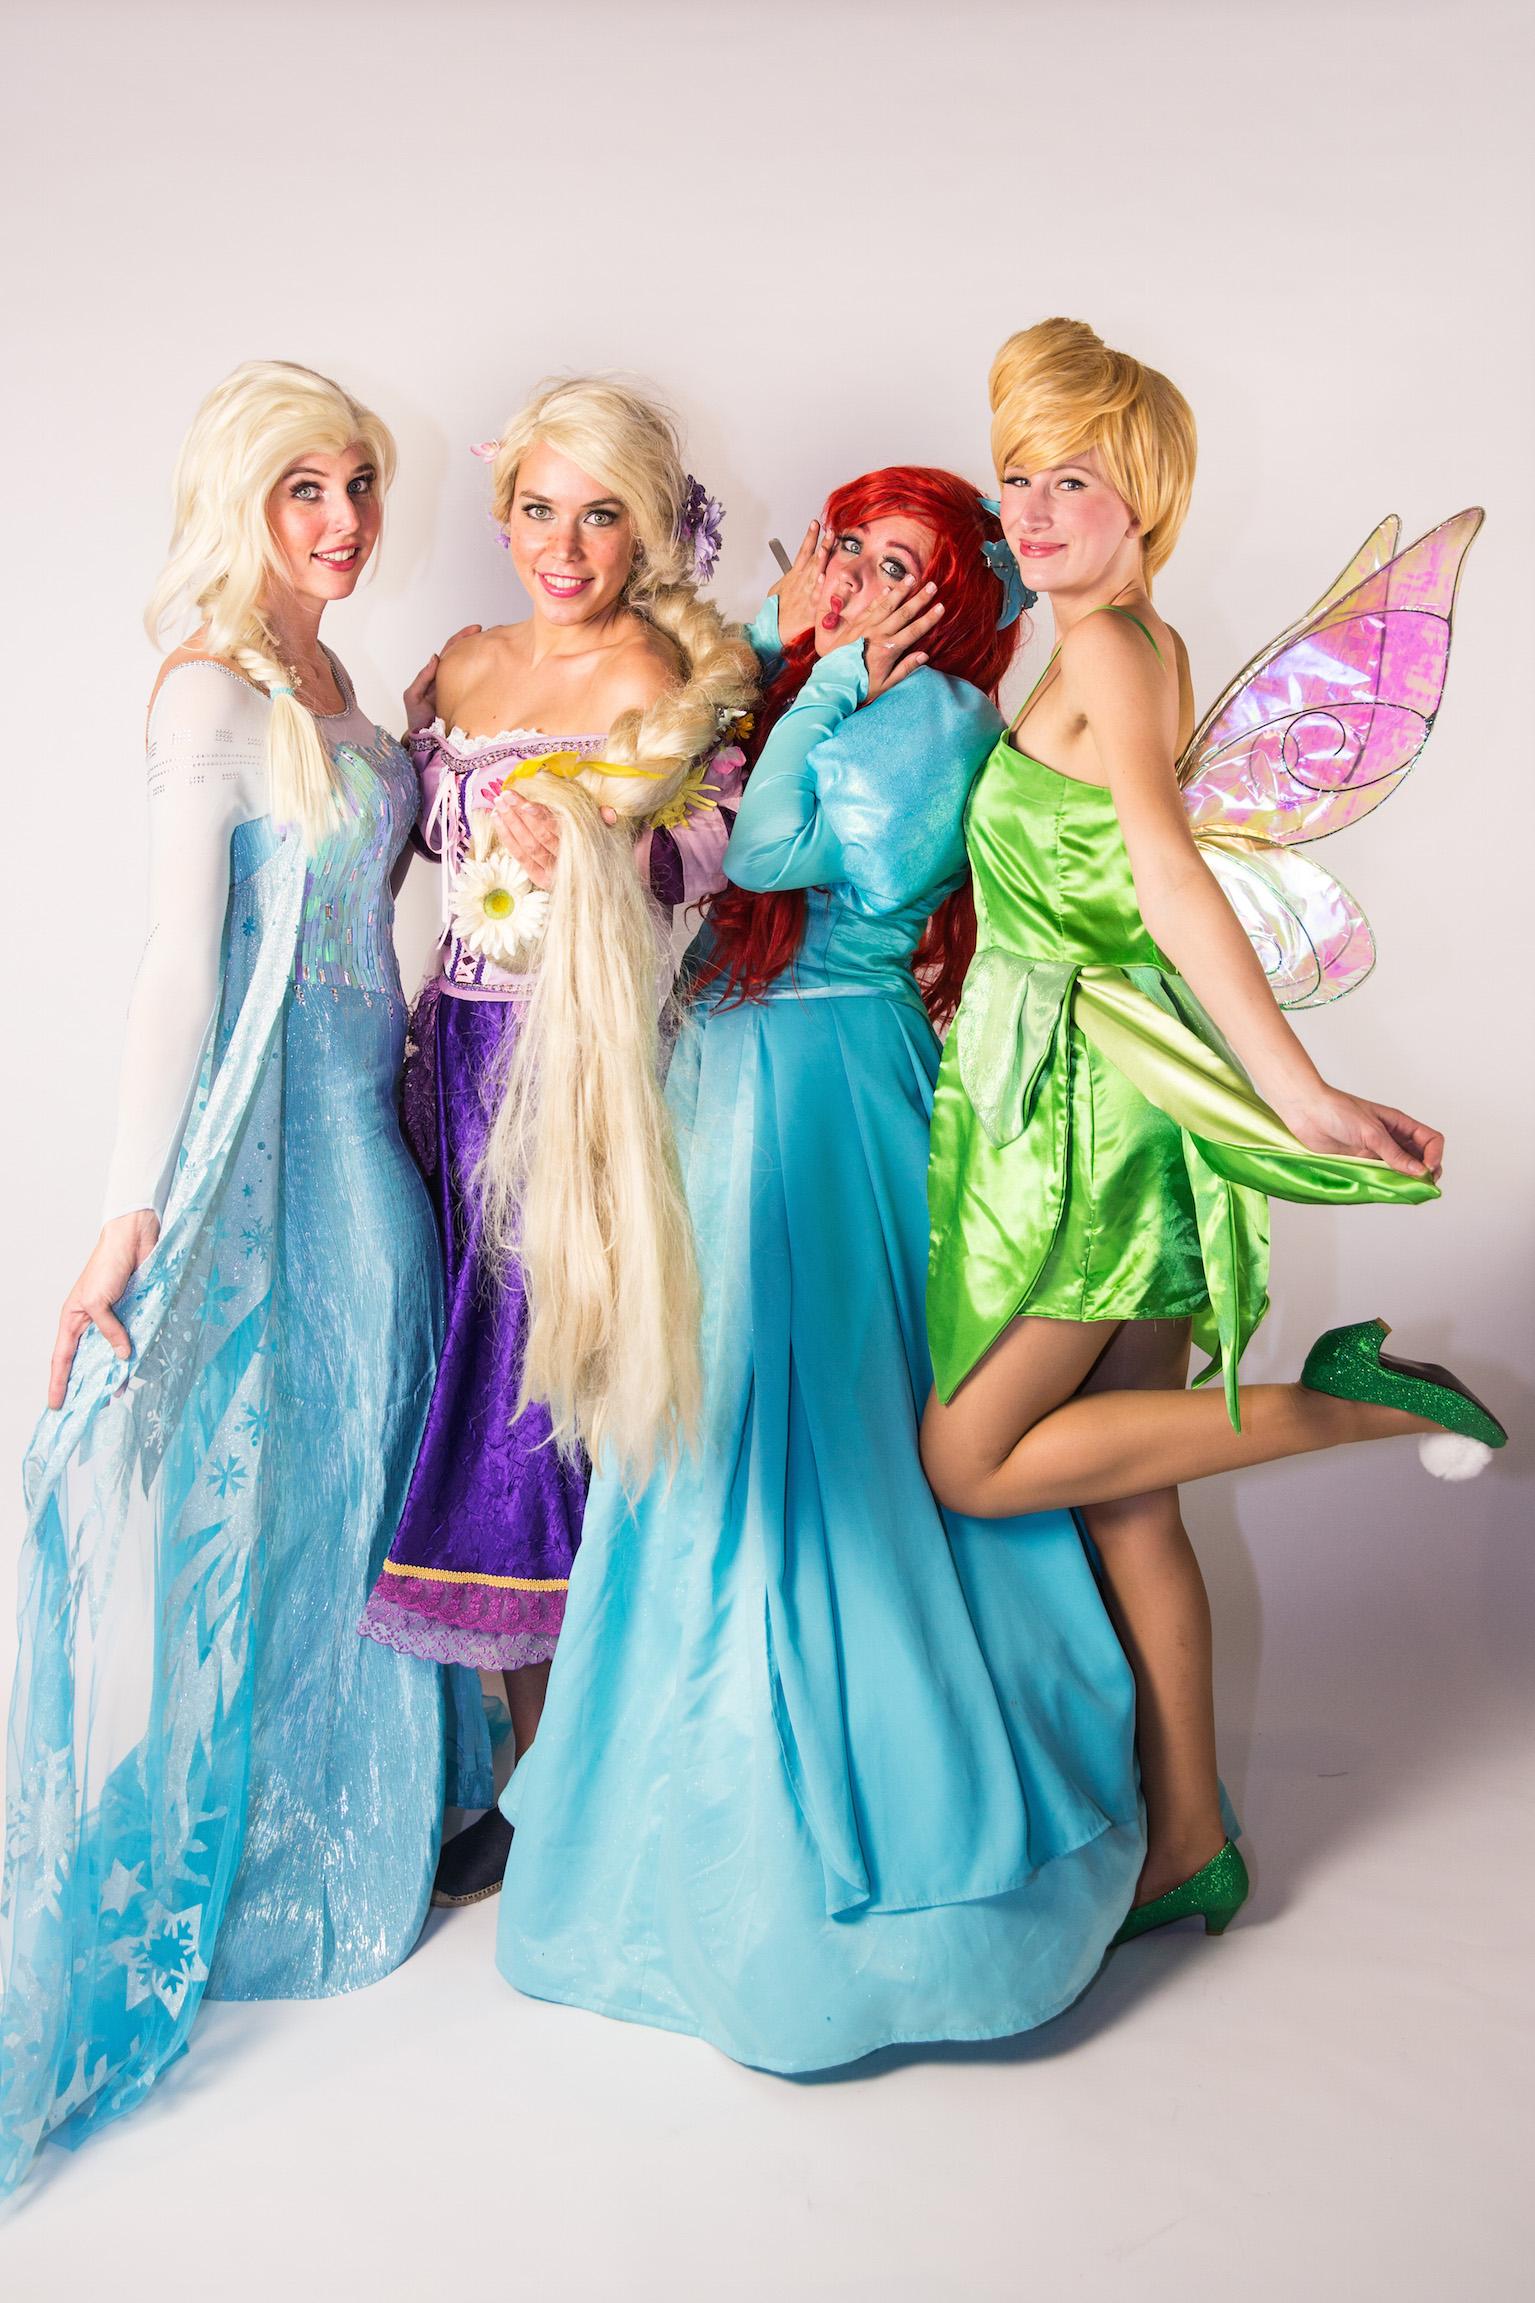 Wil Jij Een Echte Prinses Op Je Kinderfeestje